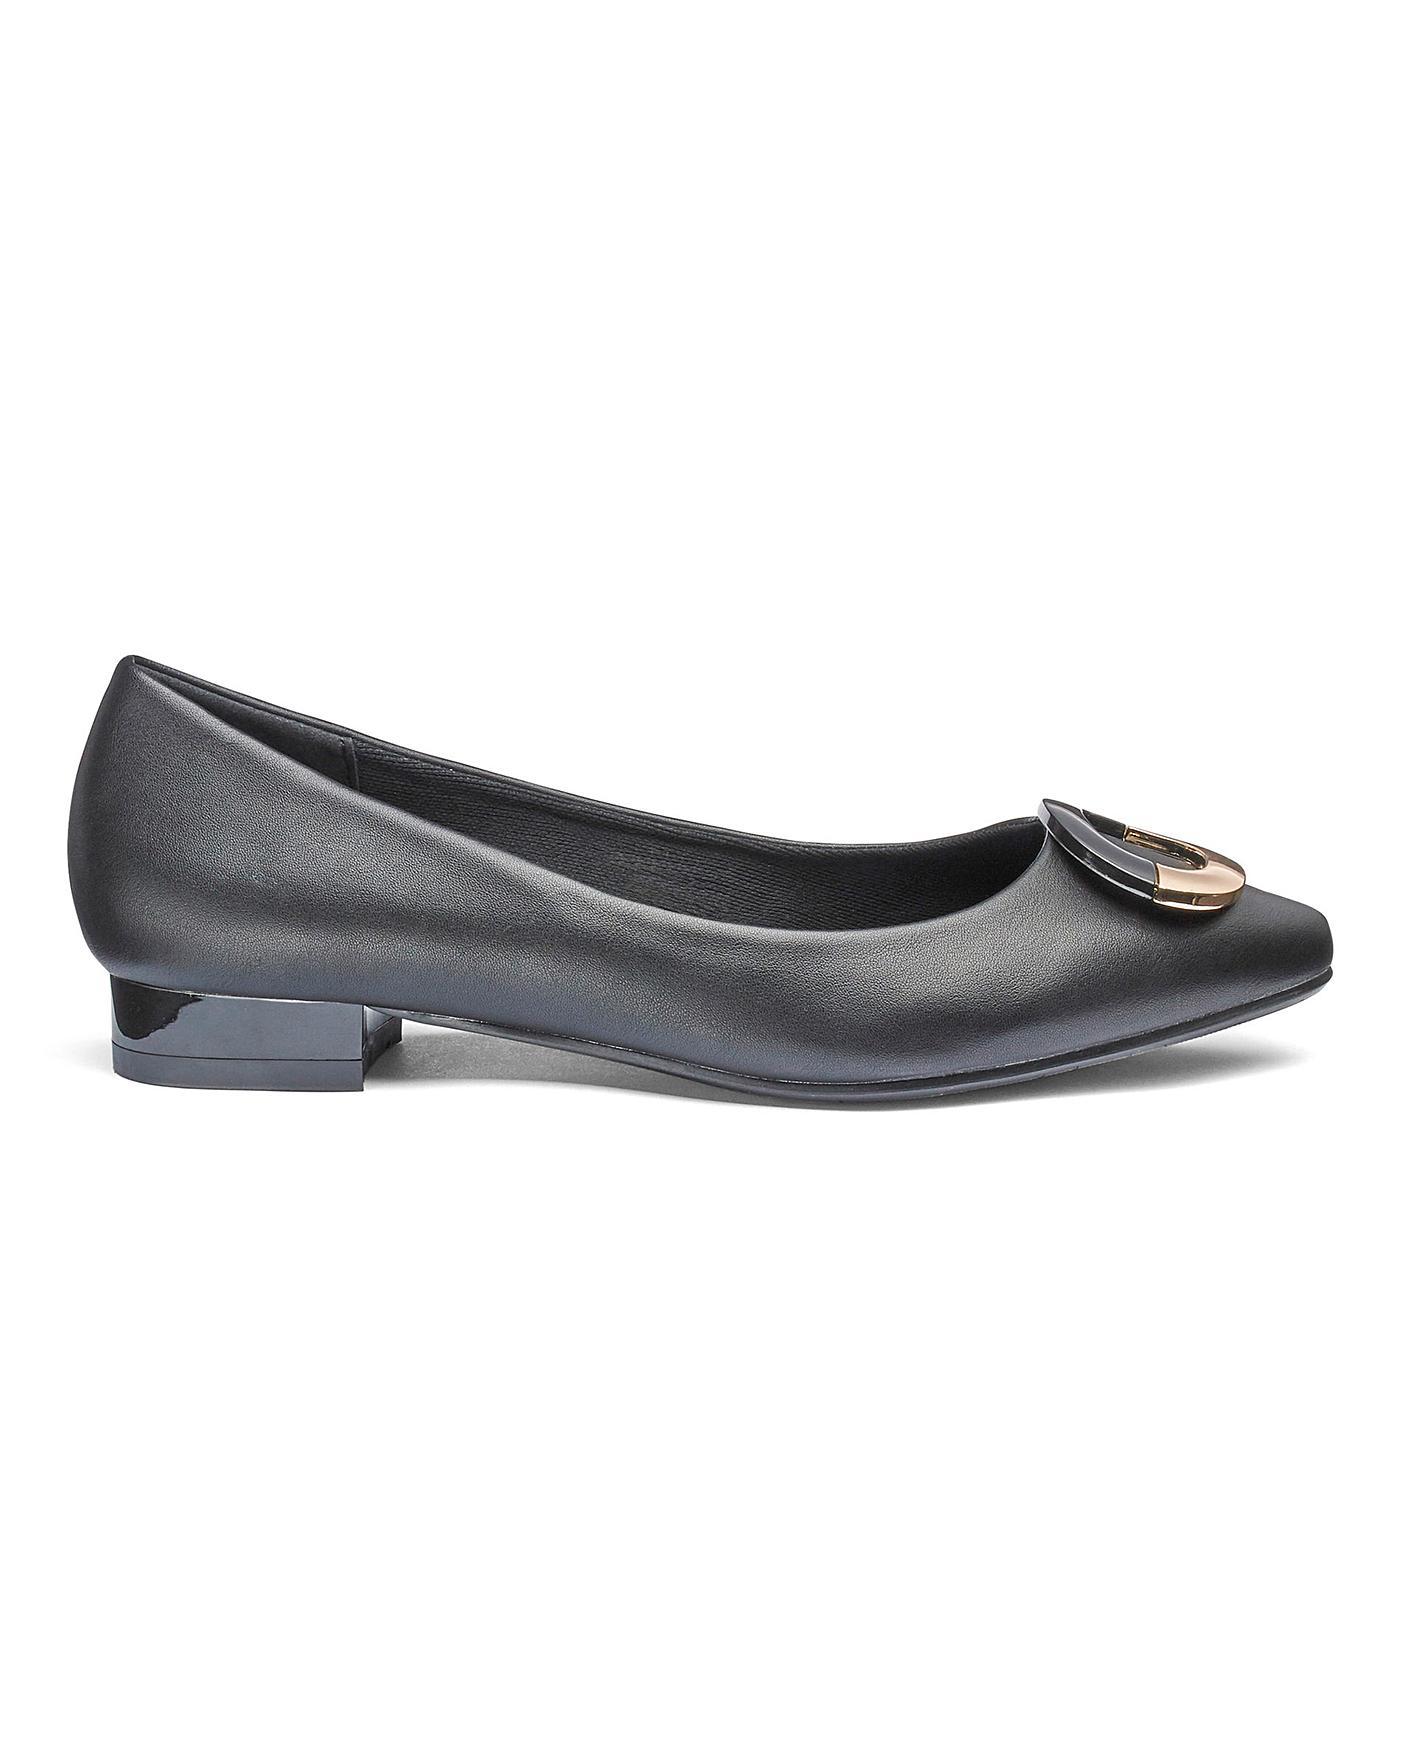 Heavenly Soles Flexible Shoes